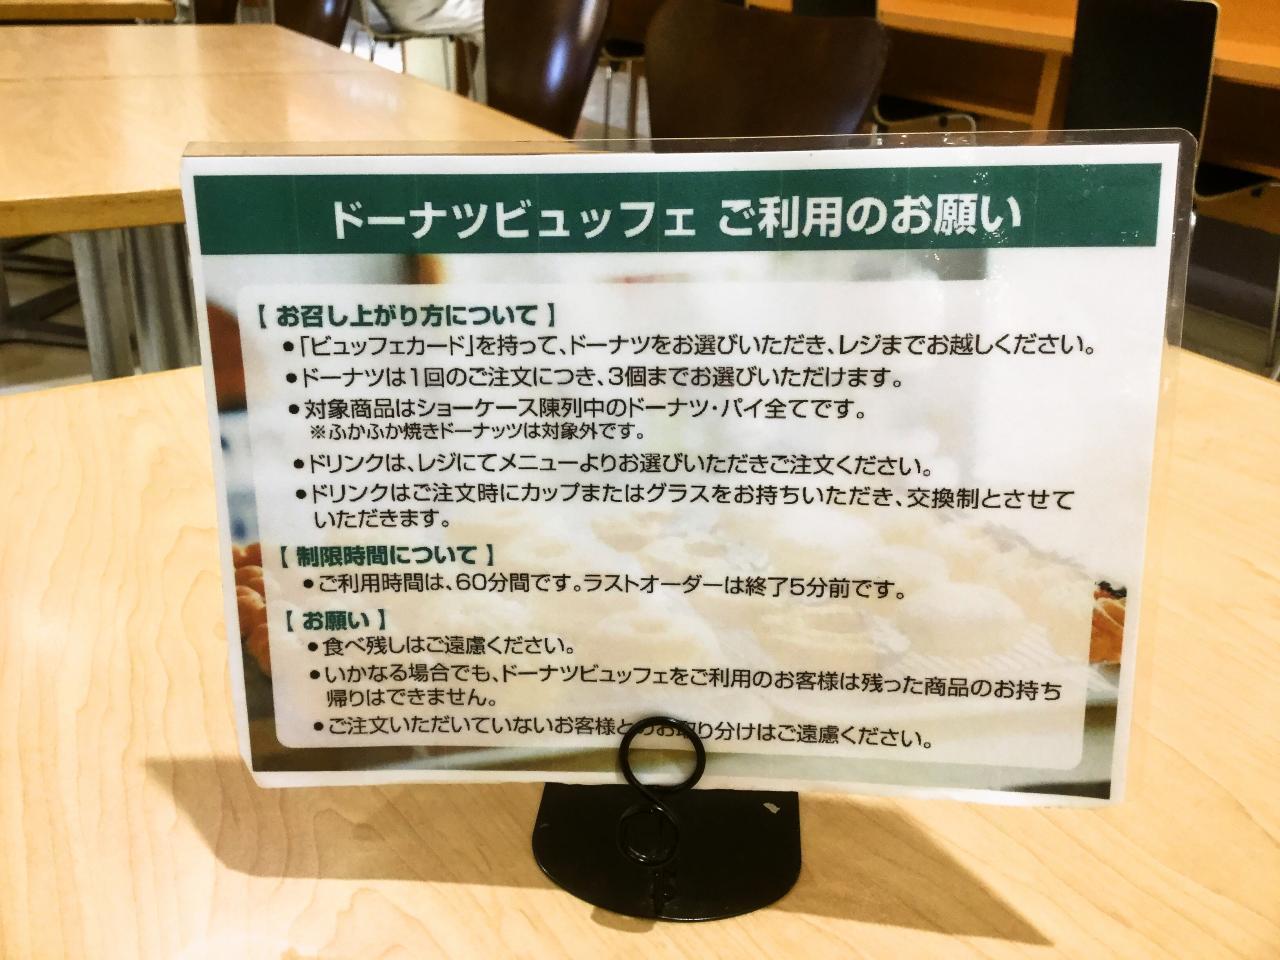 ミスタードーナツ トレッサ横浜ショップ(ビュッフェ)